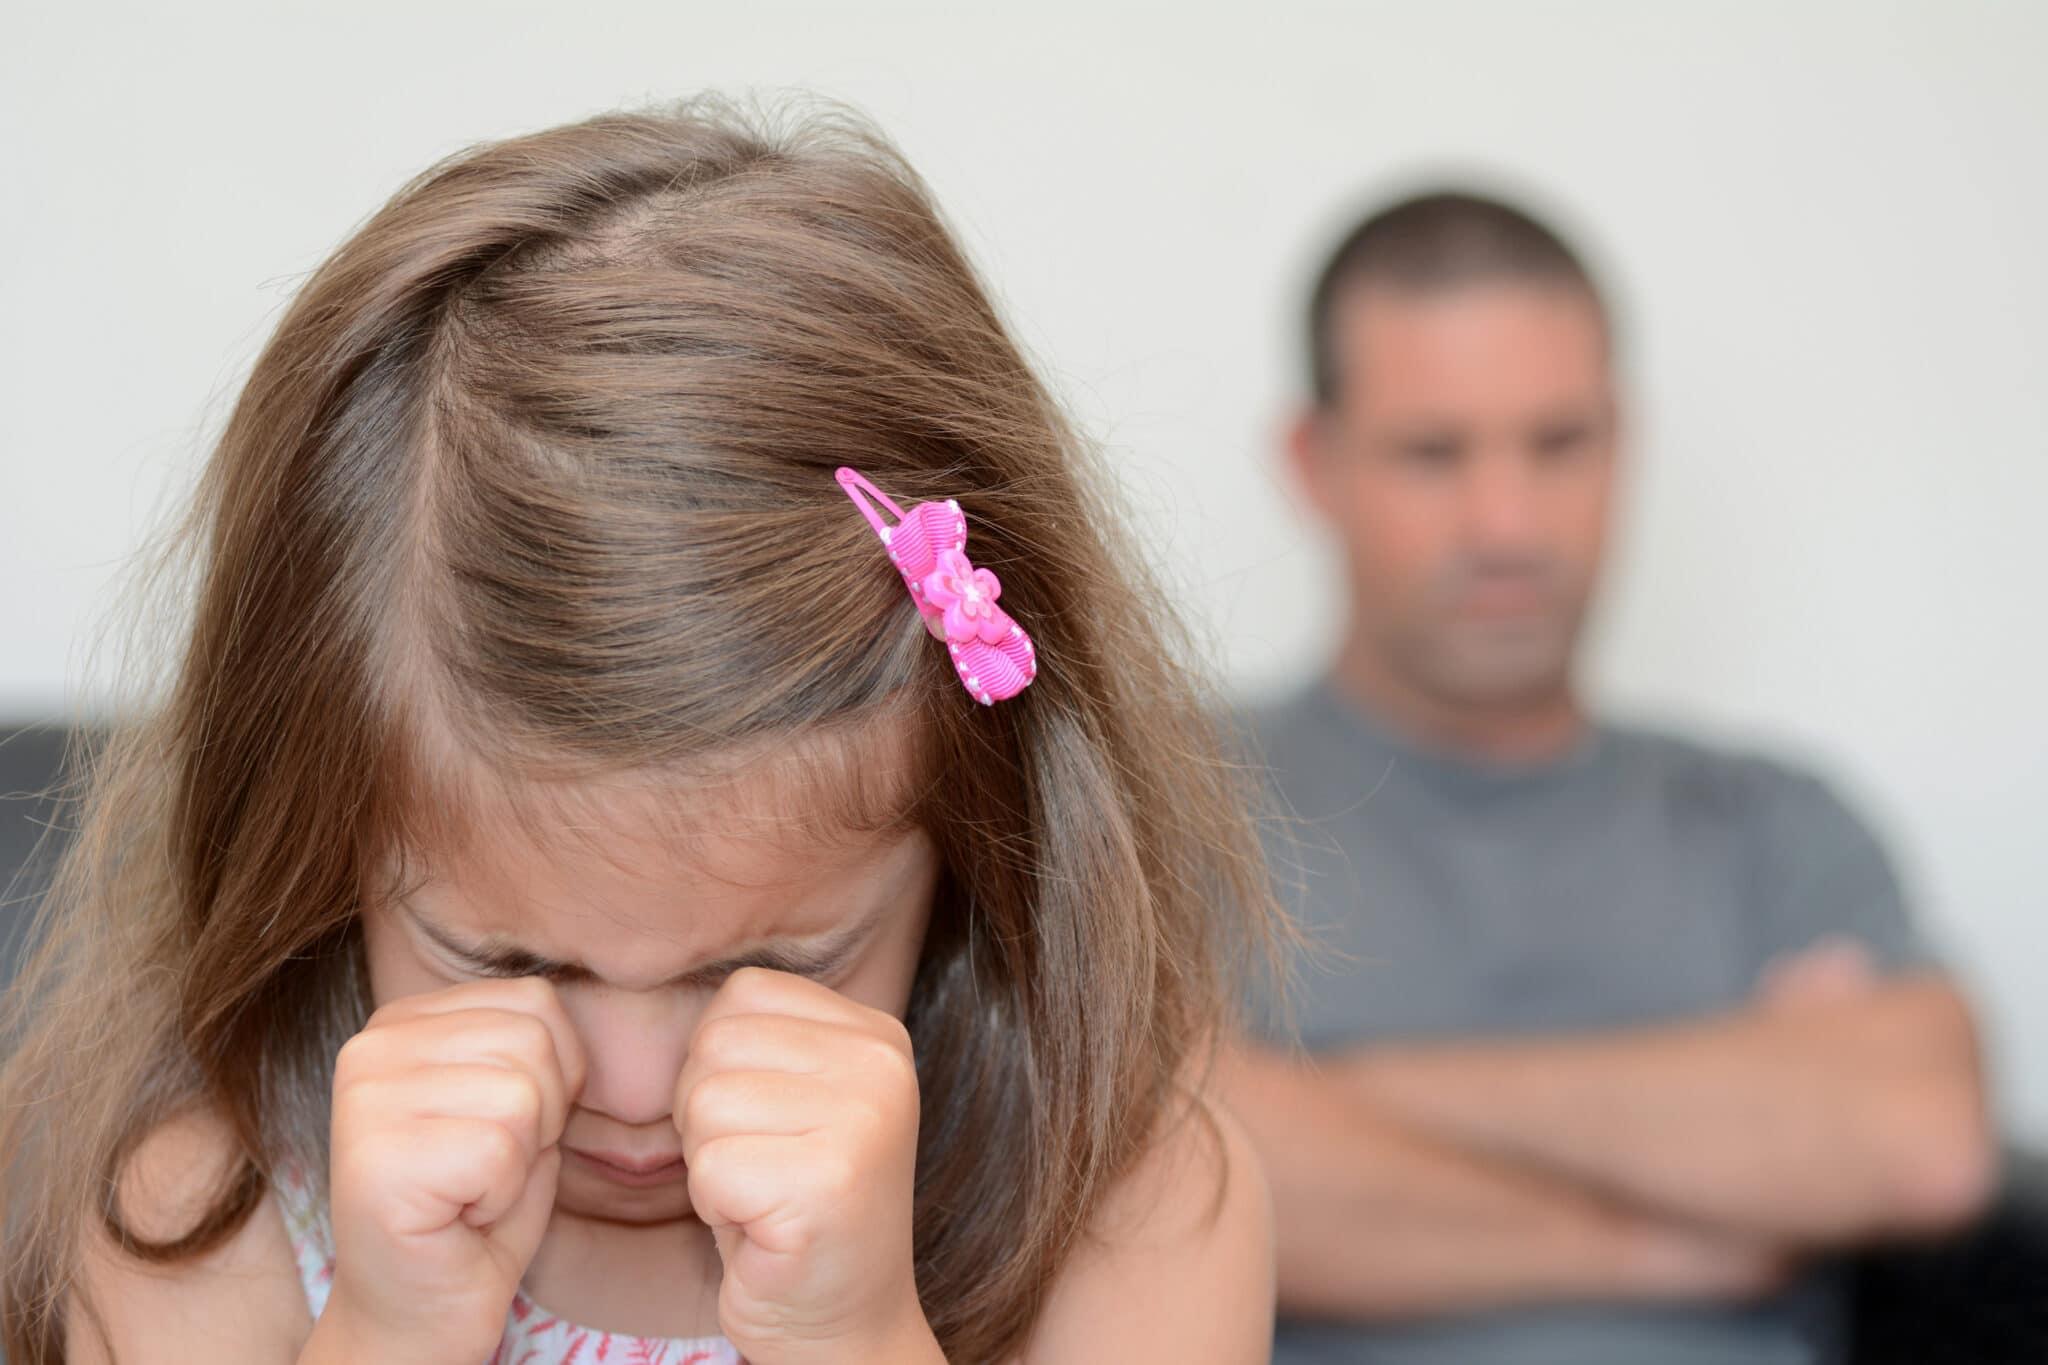 Cresce il numero dei minori maltrattati in casa.<br> Durante il lockdown la condizione dei fanciulli abusati è peggiorata.<br> E pure la politica li ha messi da parte